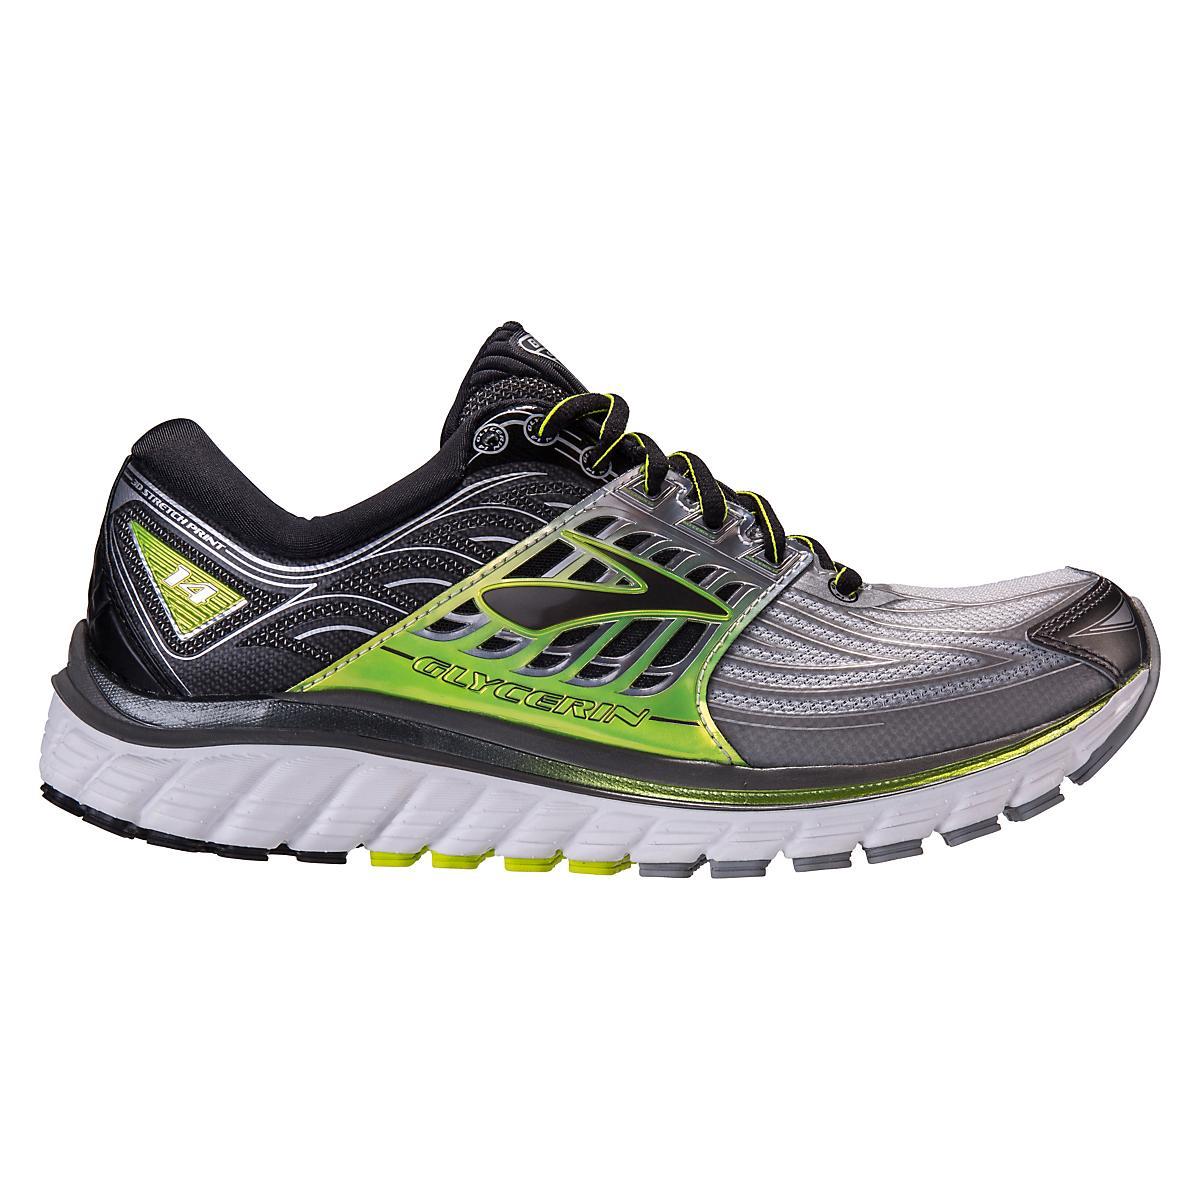 6068b528febb1 Mens Brooks Glycerin 14 Running Shoe at Road Runner Sports